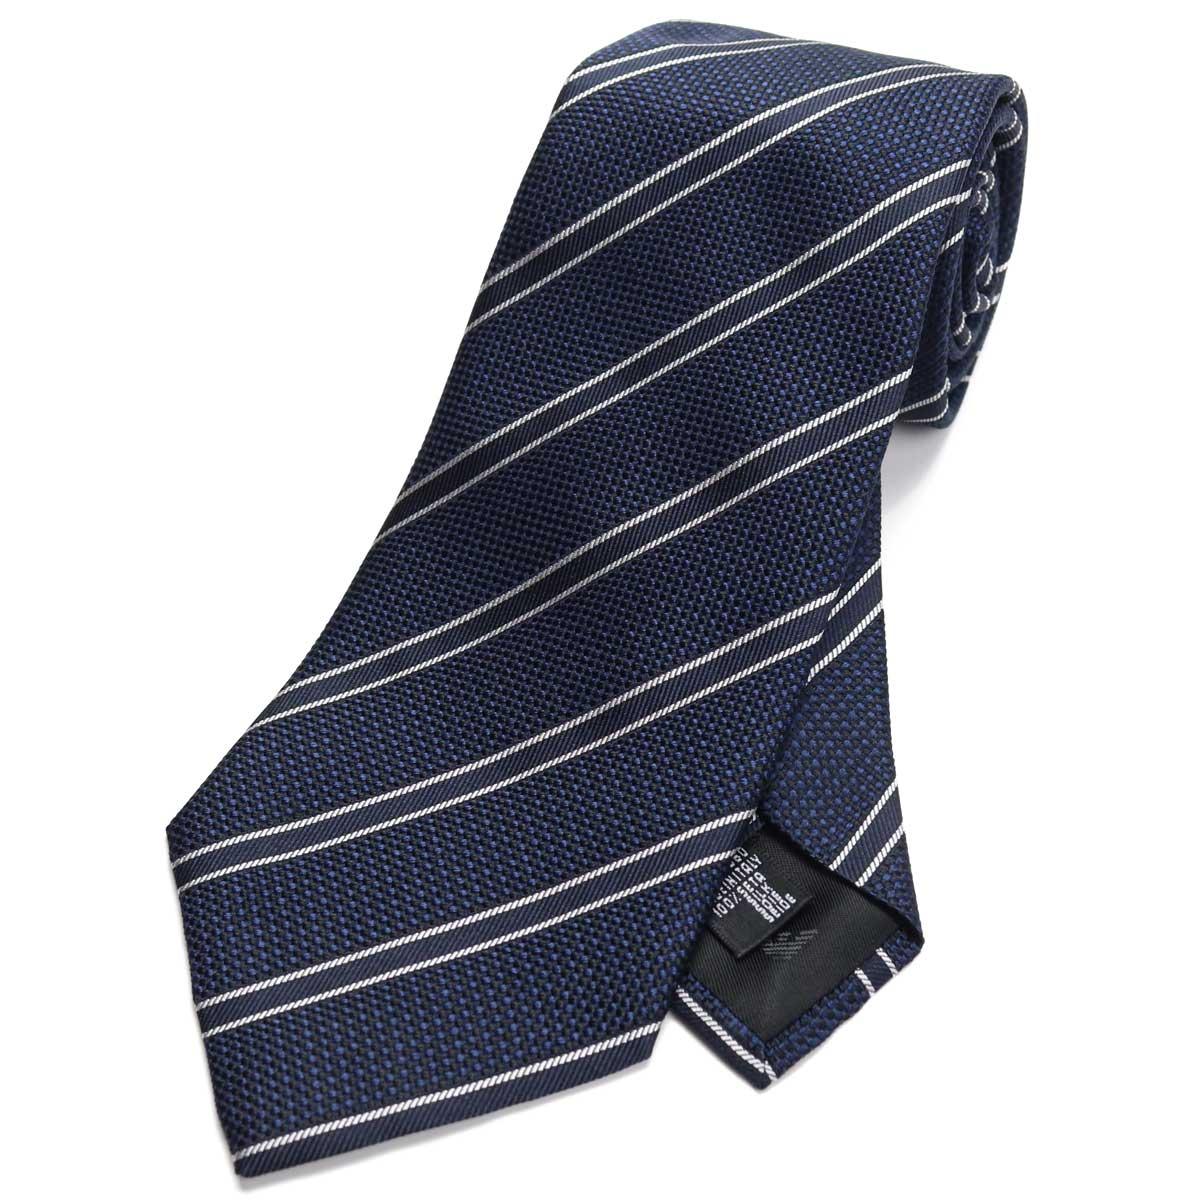 エンポリオ アルマーニ EMPORIO ARMANI ストライプ柄 ネクタイ レギュラータイ 340182 0P311 09549 BLUE GRAPHITE ネイビー系 【メンズ】